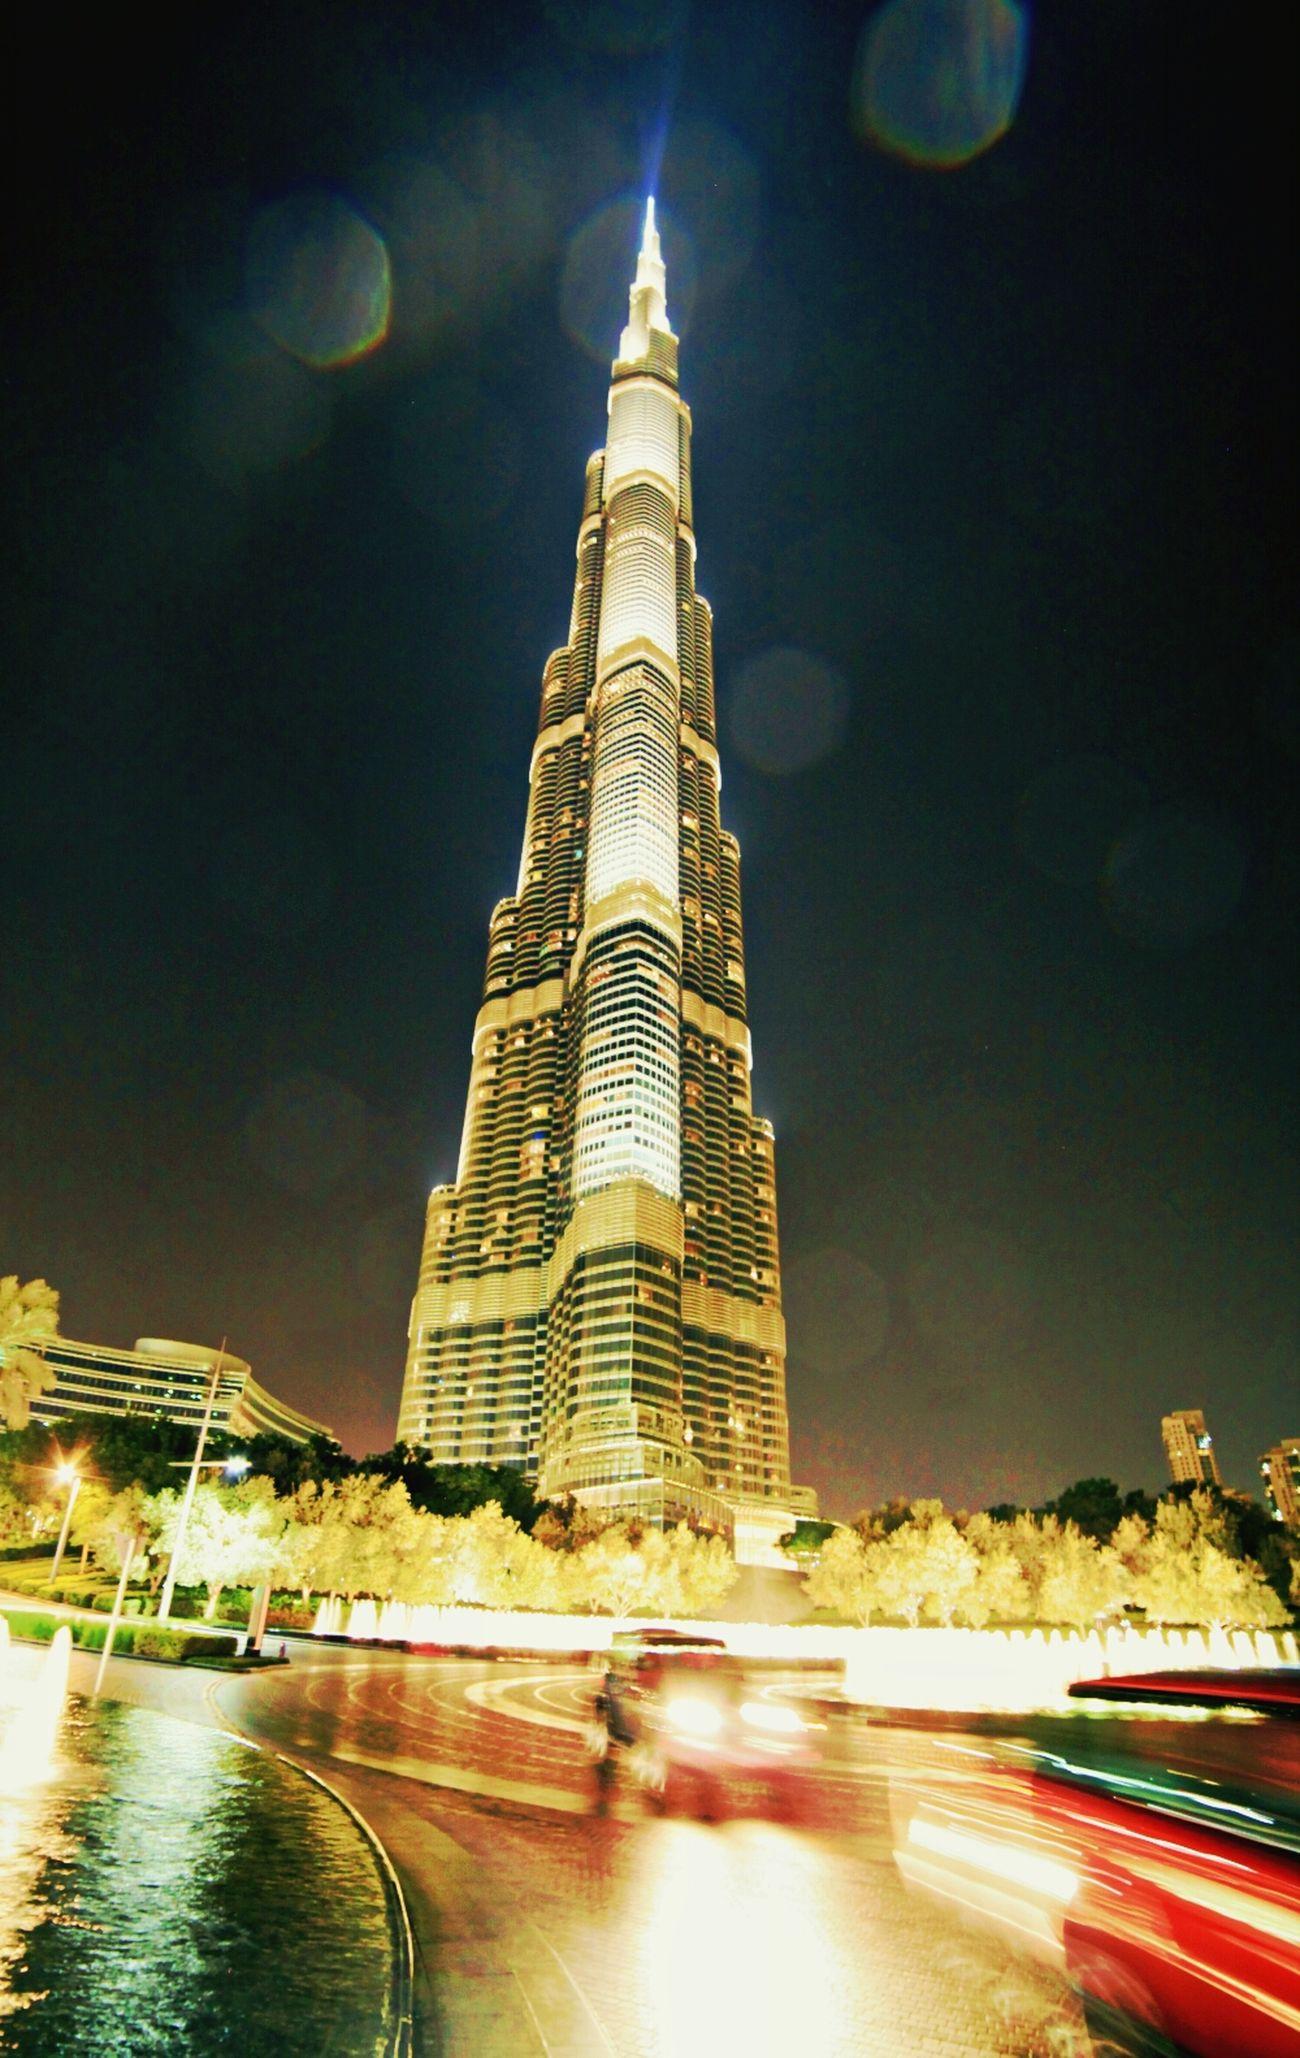 @ Burj Khalifa - Dubai